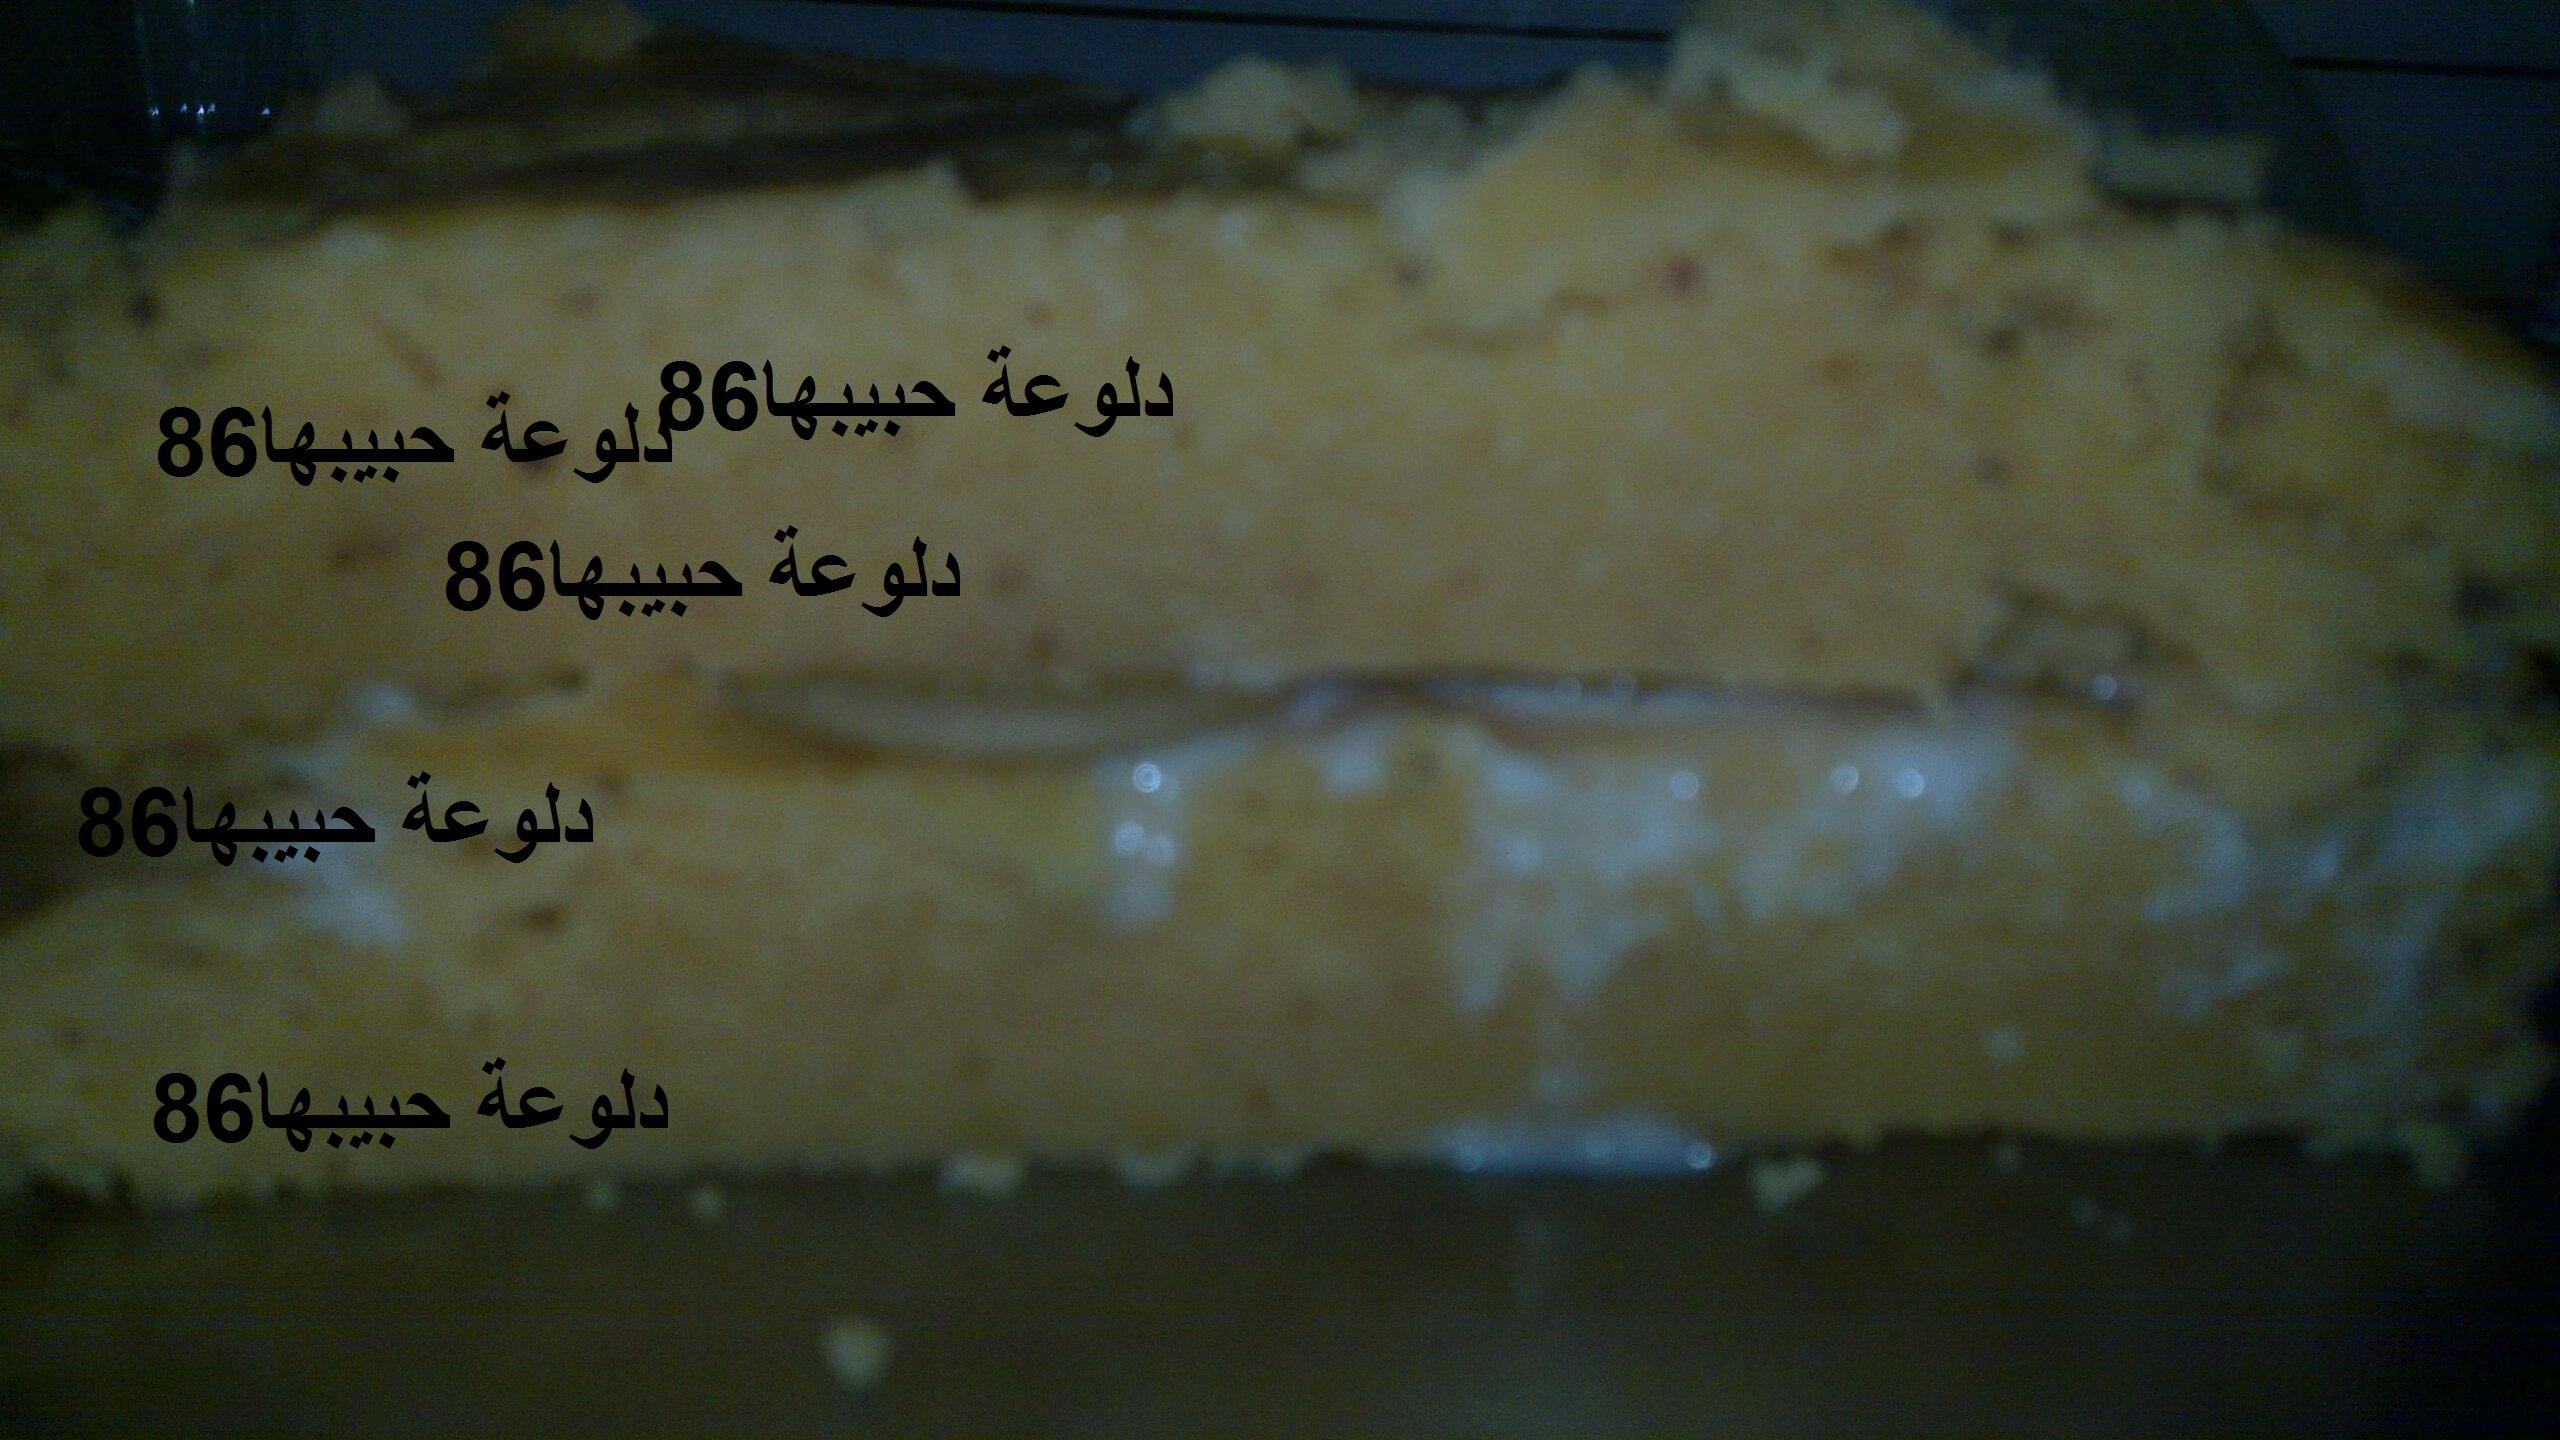 13524859261.jpg